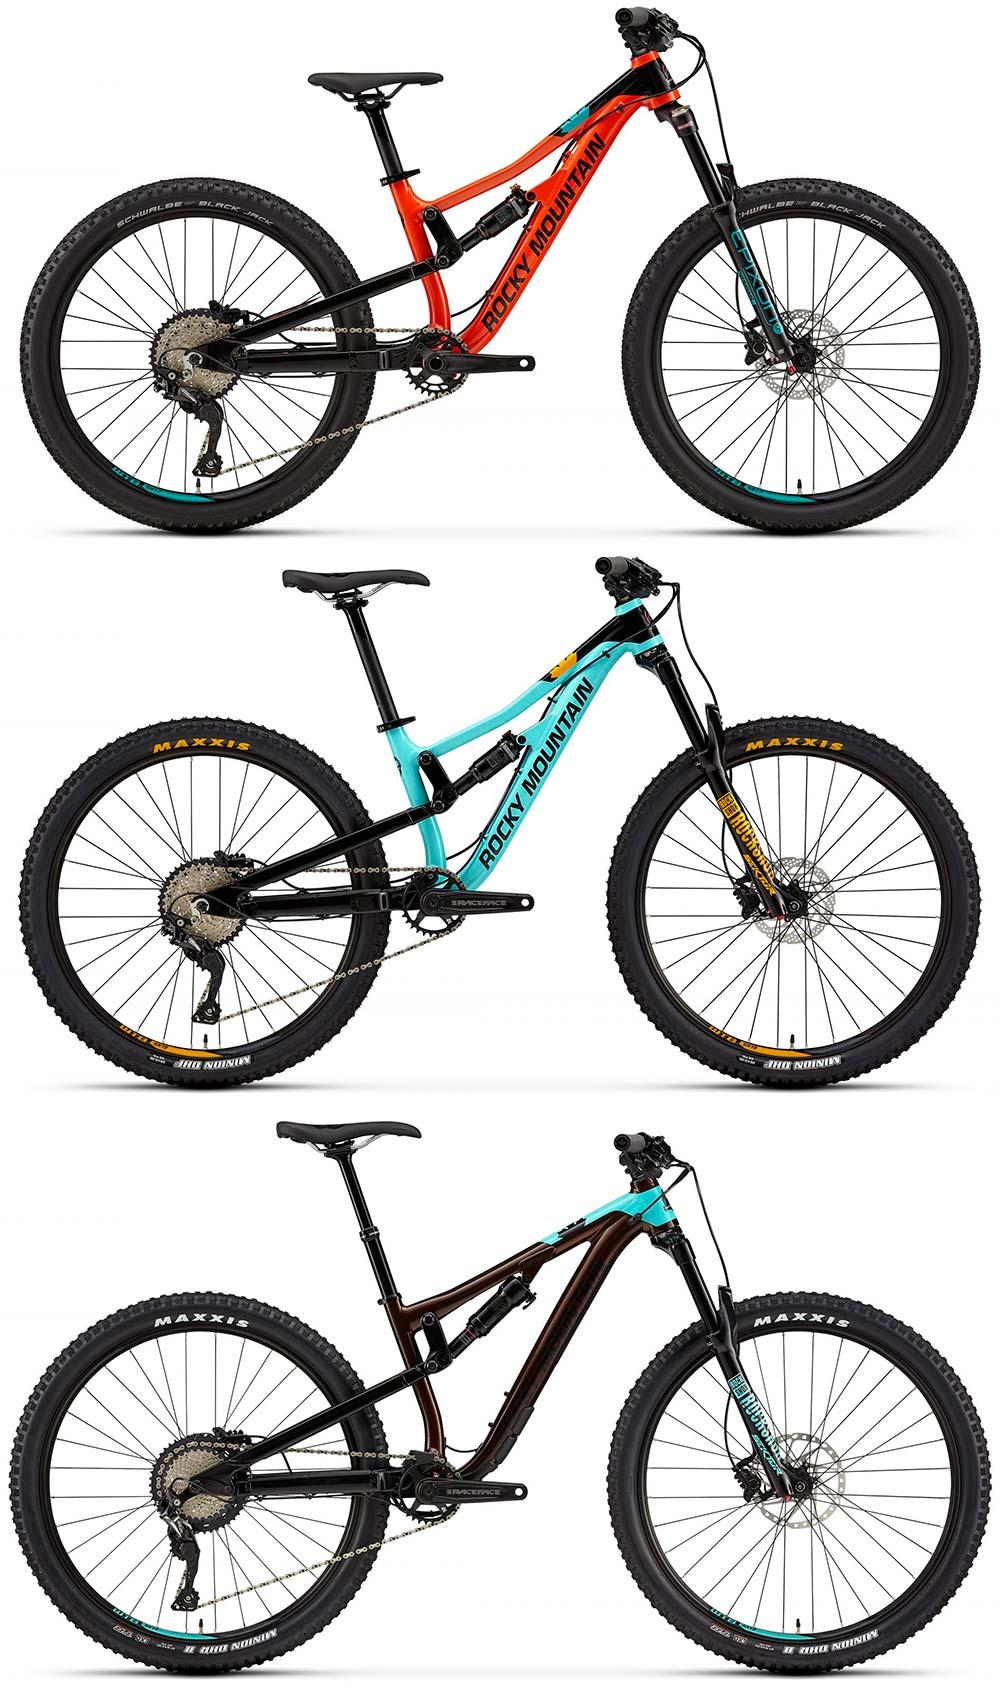 En TodoMountainBike: Rocky Mountain Reaper, una bici compatible con ruedas de 24 y 26 pulgadas para jóvenes promesas del MTB